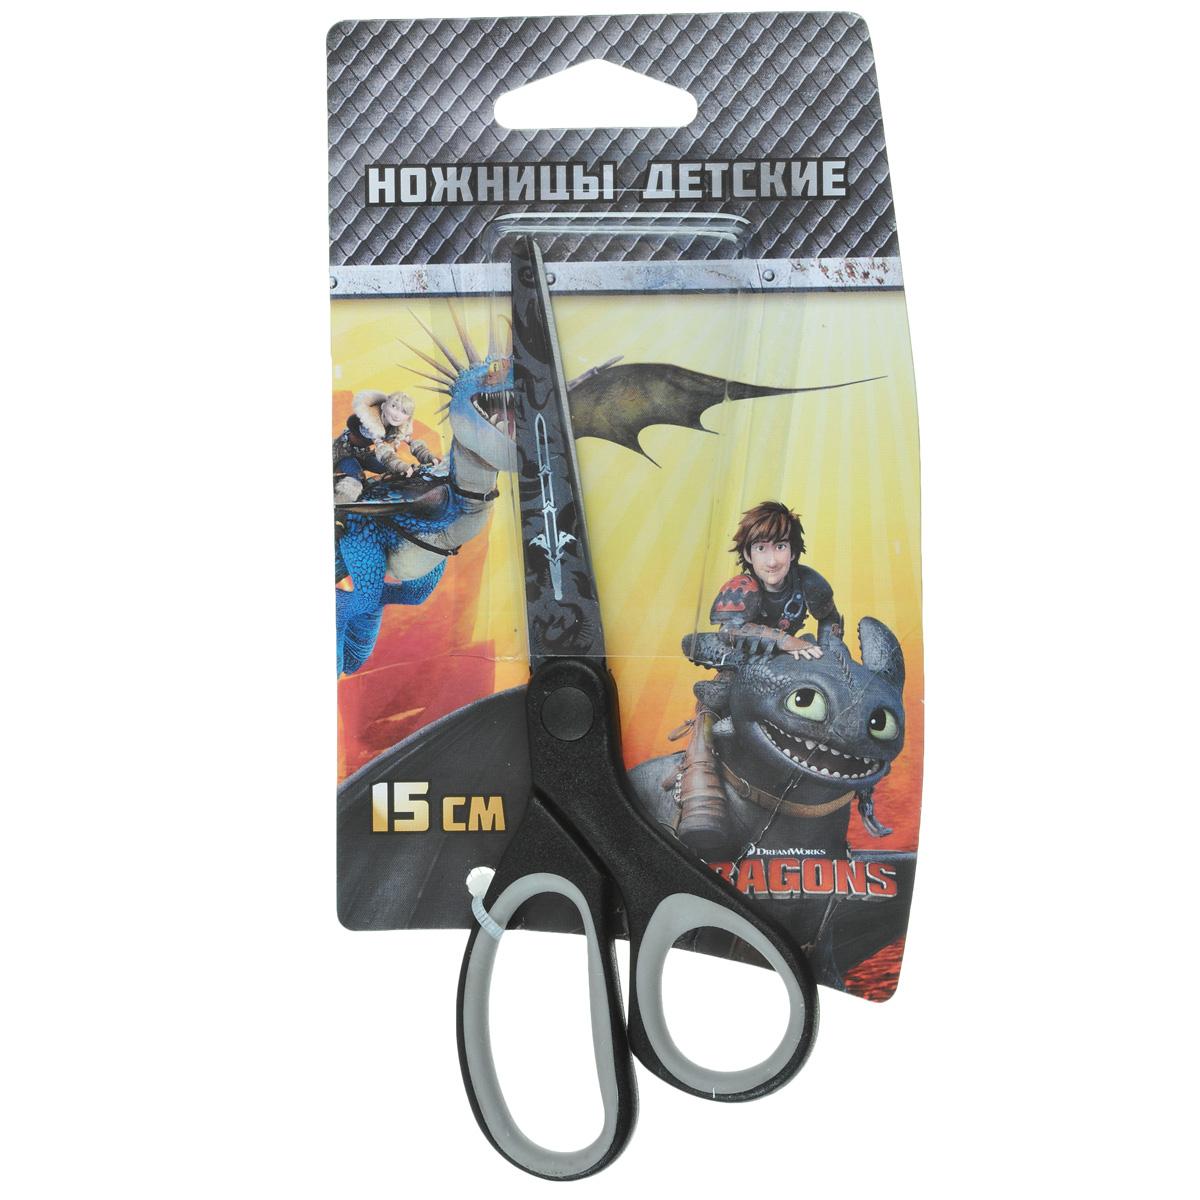 Ножницы детские Action Dragons, цвет: черныйDR-ASC265/C37329_черныйДетские ножницы Action Dragons с безопасными закругленными лезвиями изготовлены из высококачественной нержавеющей стали. Лезвия с наружной стороны оформлены декоративным рисунком. Облегченные ручки ножниц адаптированы для детской руки.Вашему ребенку будет настоящим удовольствием делать с ножницами Action Dragons различные аппликации из бумаги или других материалов.